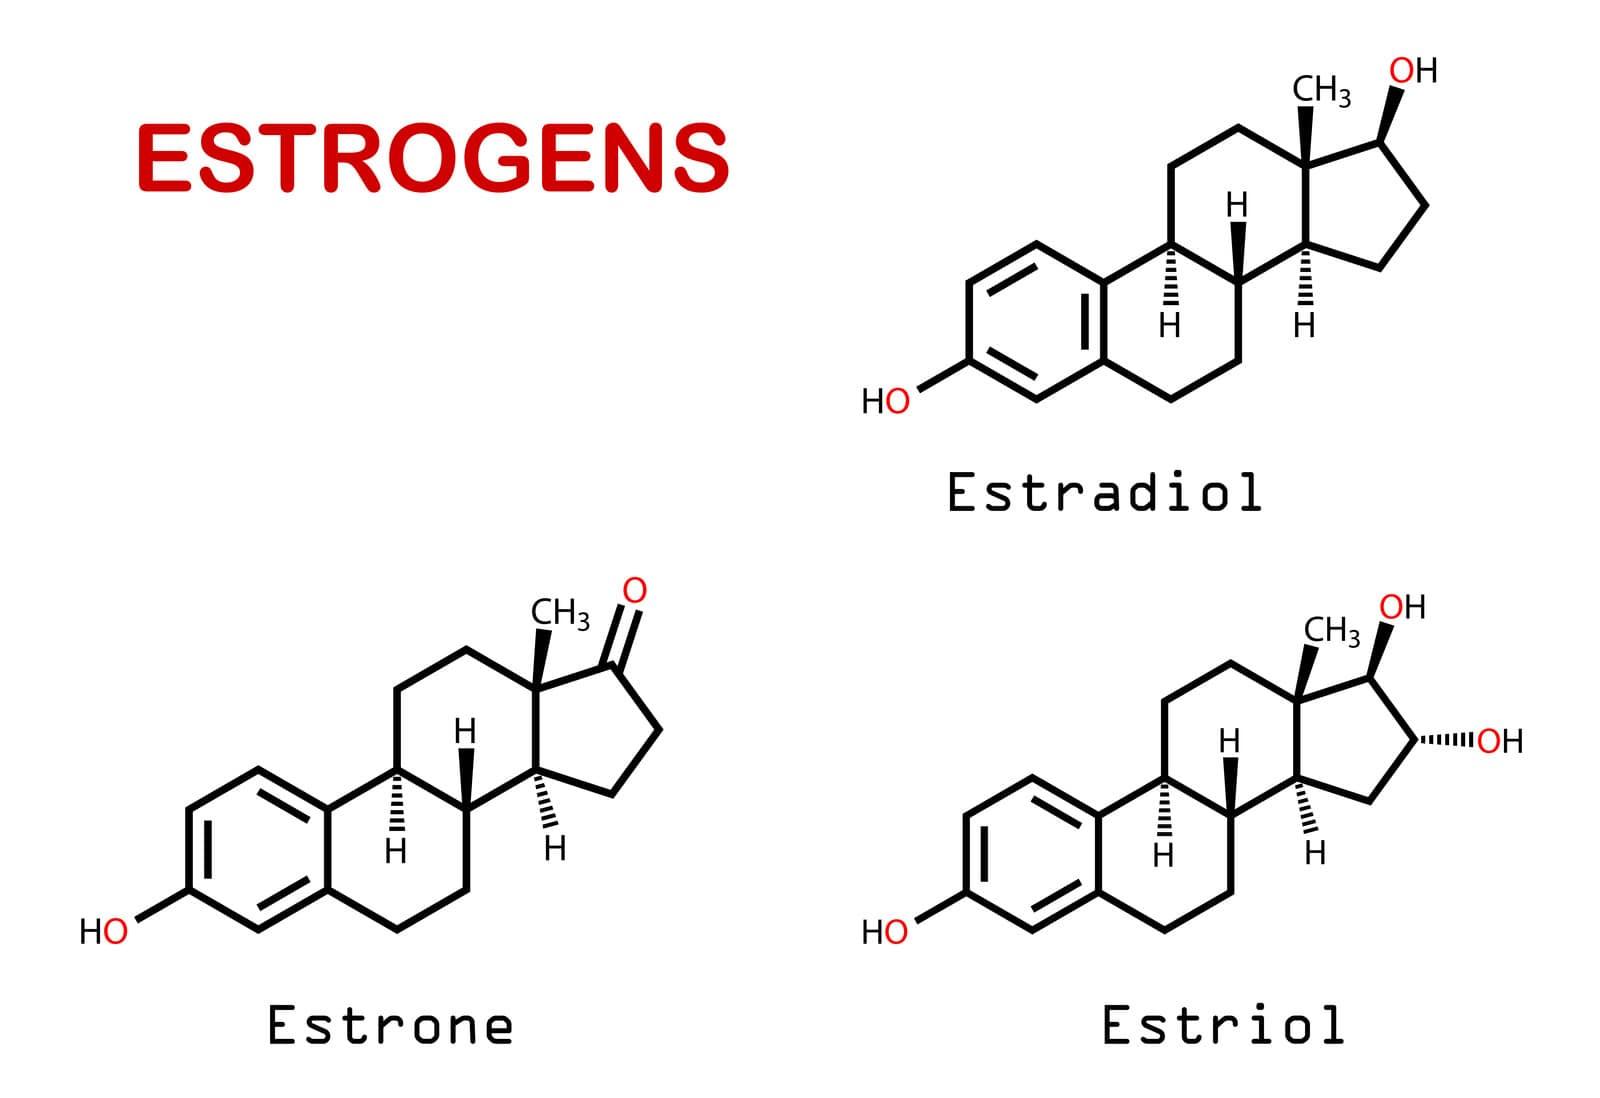 Estrogen là gì? Tác dụng của estrogen đối với phụ nữ